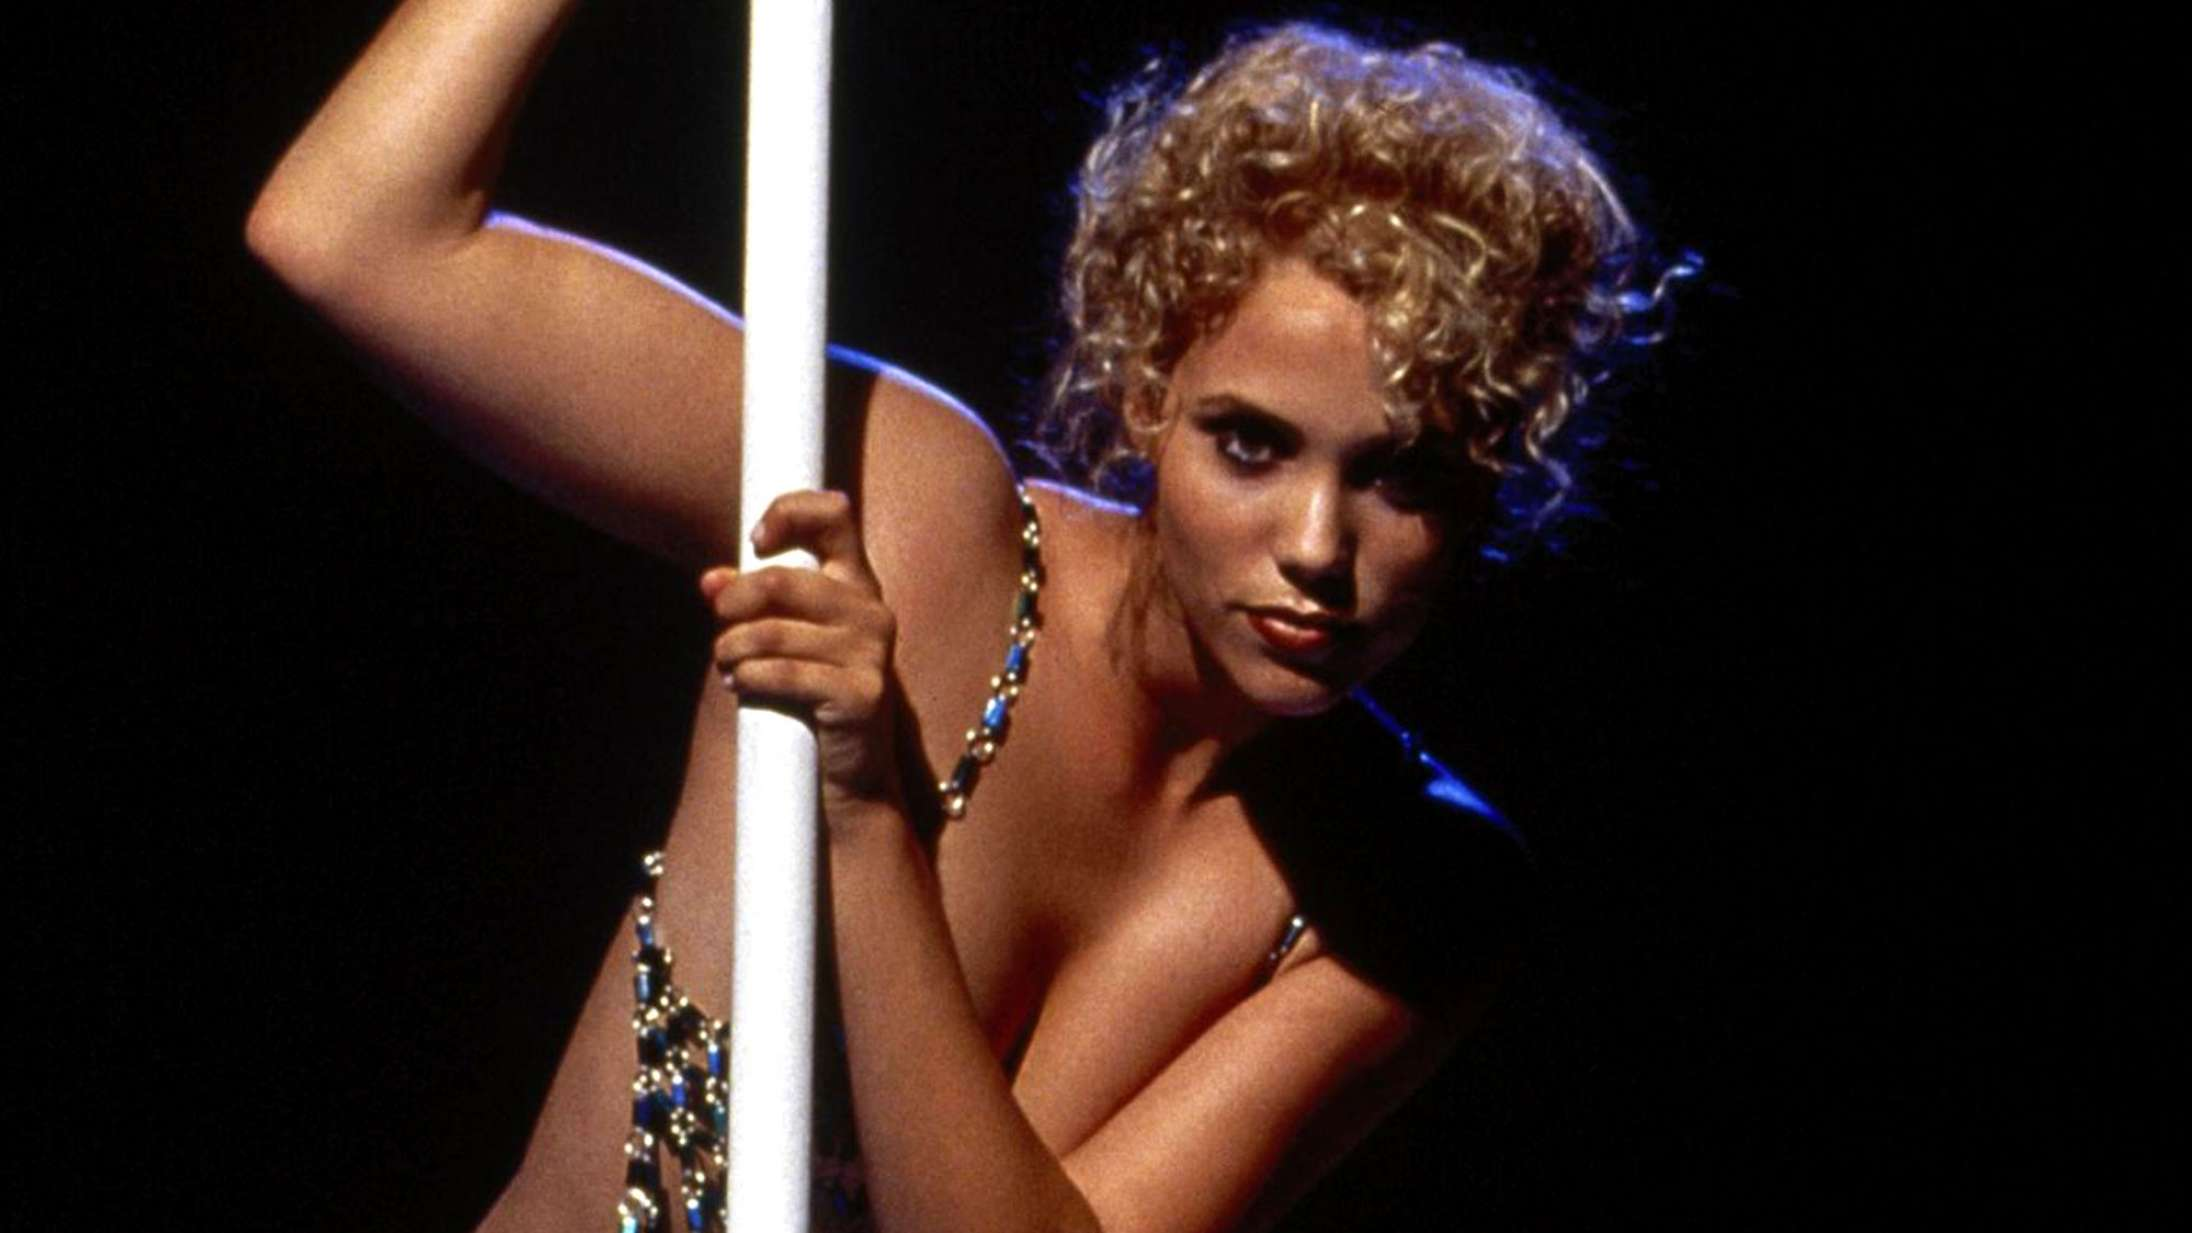 'You Don't Nomi': Dokumentar om den notorisk ringe 'Showgirls' er selv stærkt seværdig